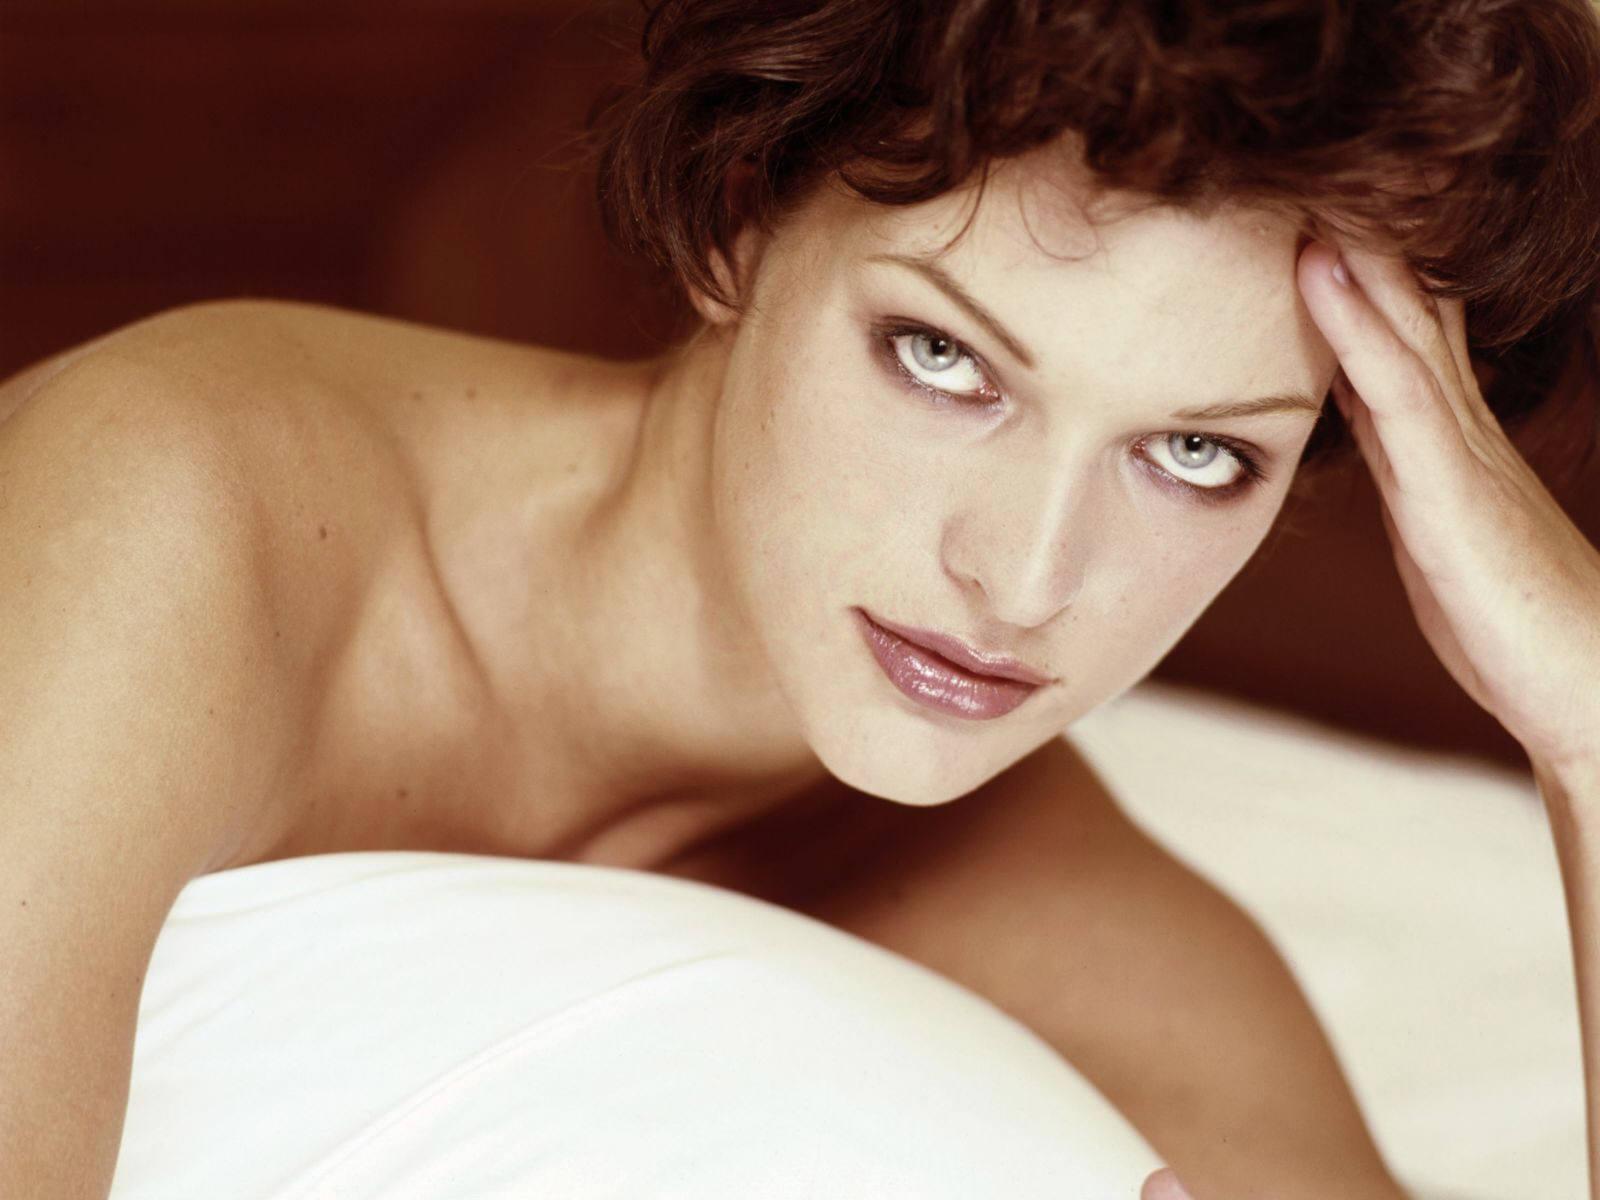 http://2.bp.blogspot.com/--fW5TmKaTp0/Ta2CwH4WxjI/AAAAAAAAClg/orC9DXioB5k/s1600/Milla_Jovovich_new_wallpapers%252B%25252817%252529.jpg